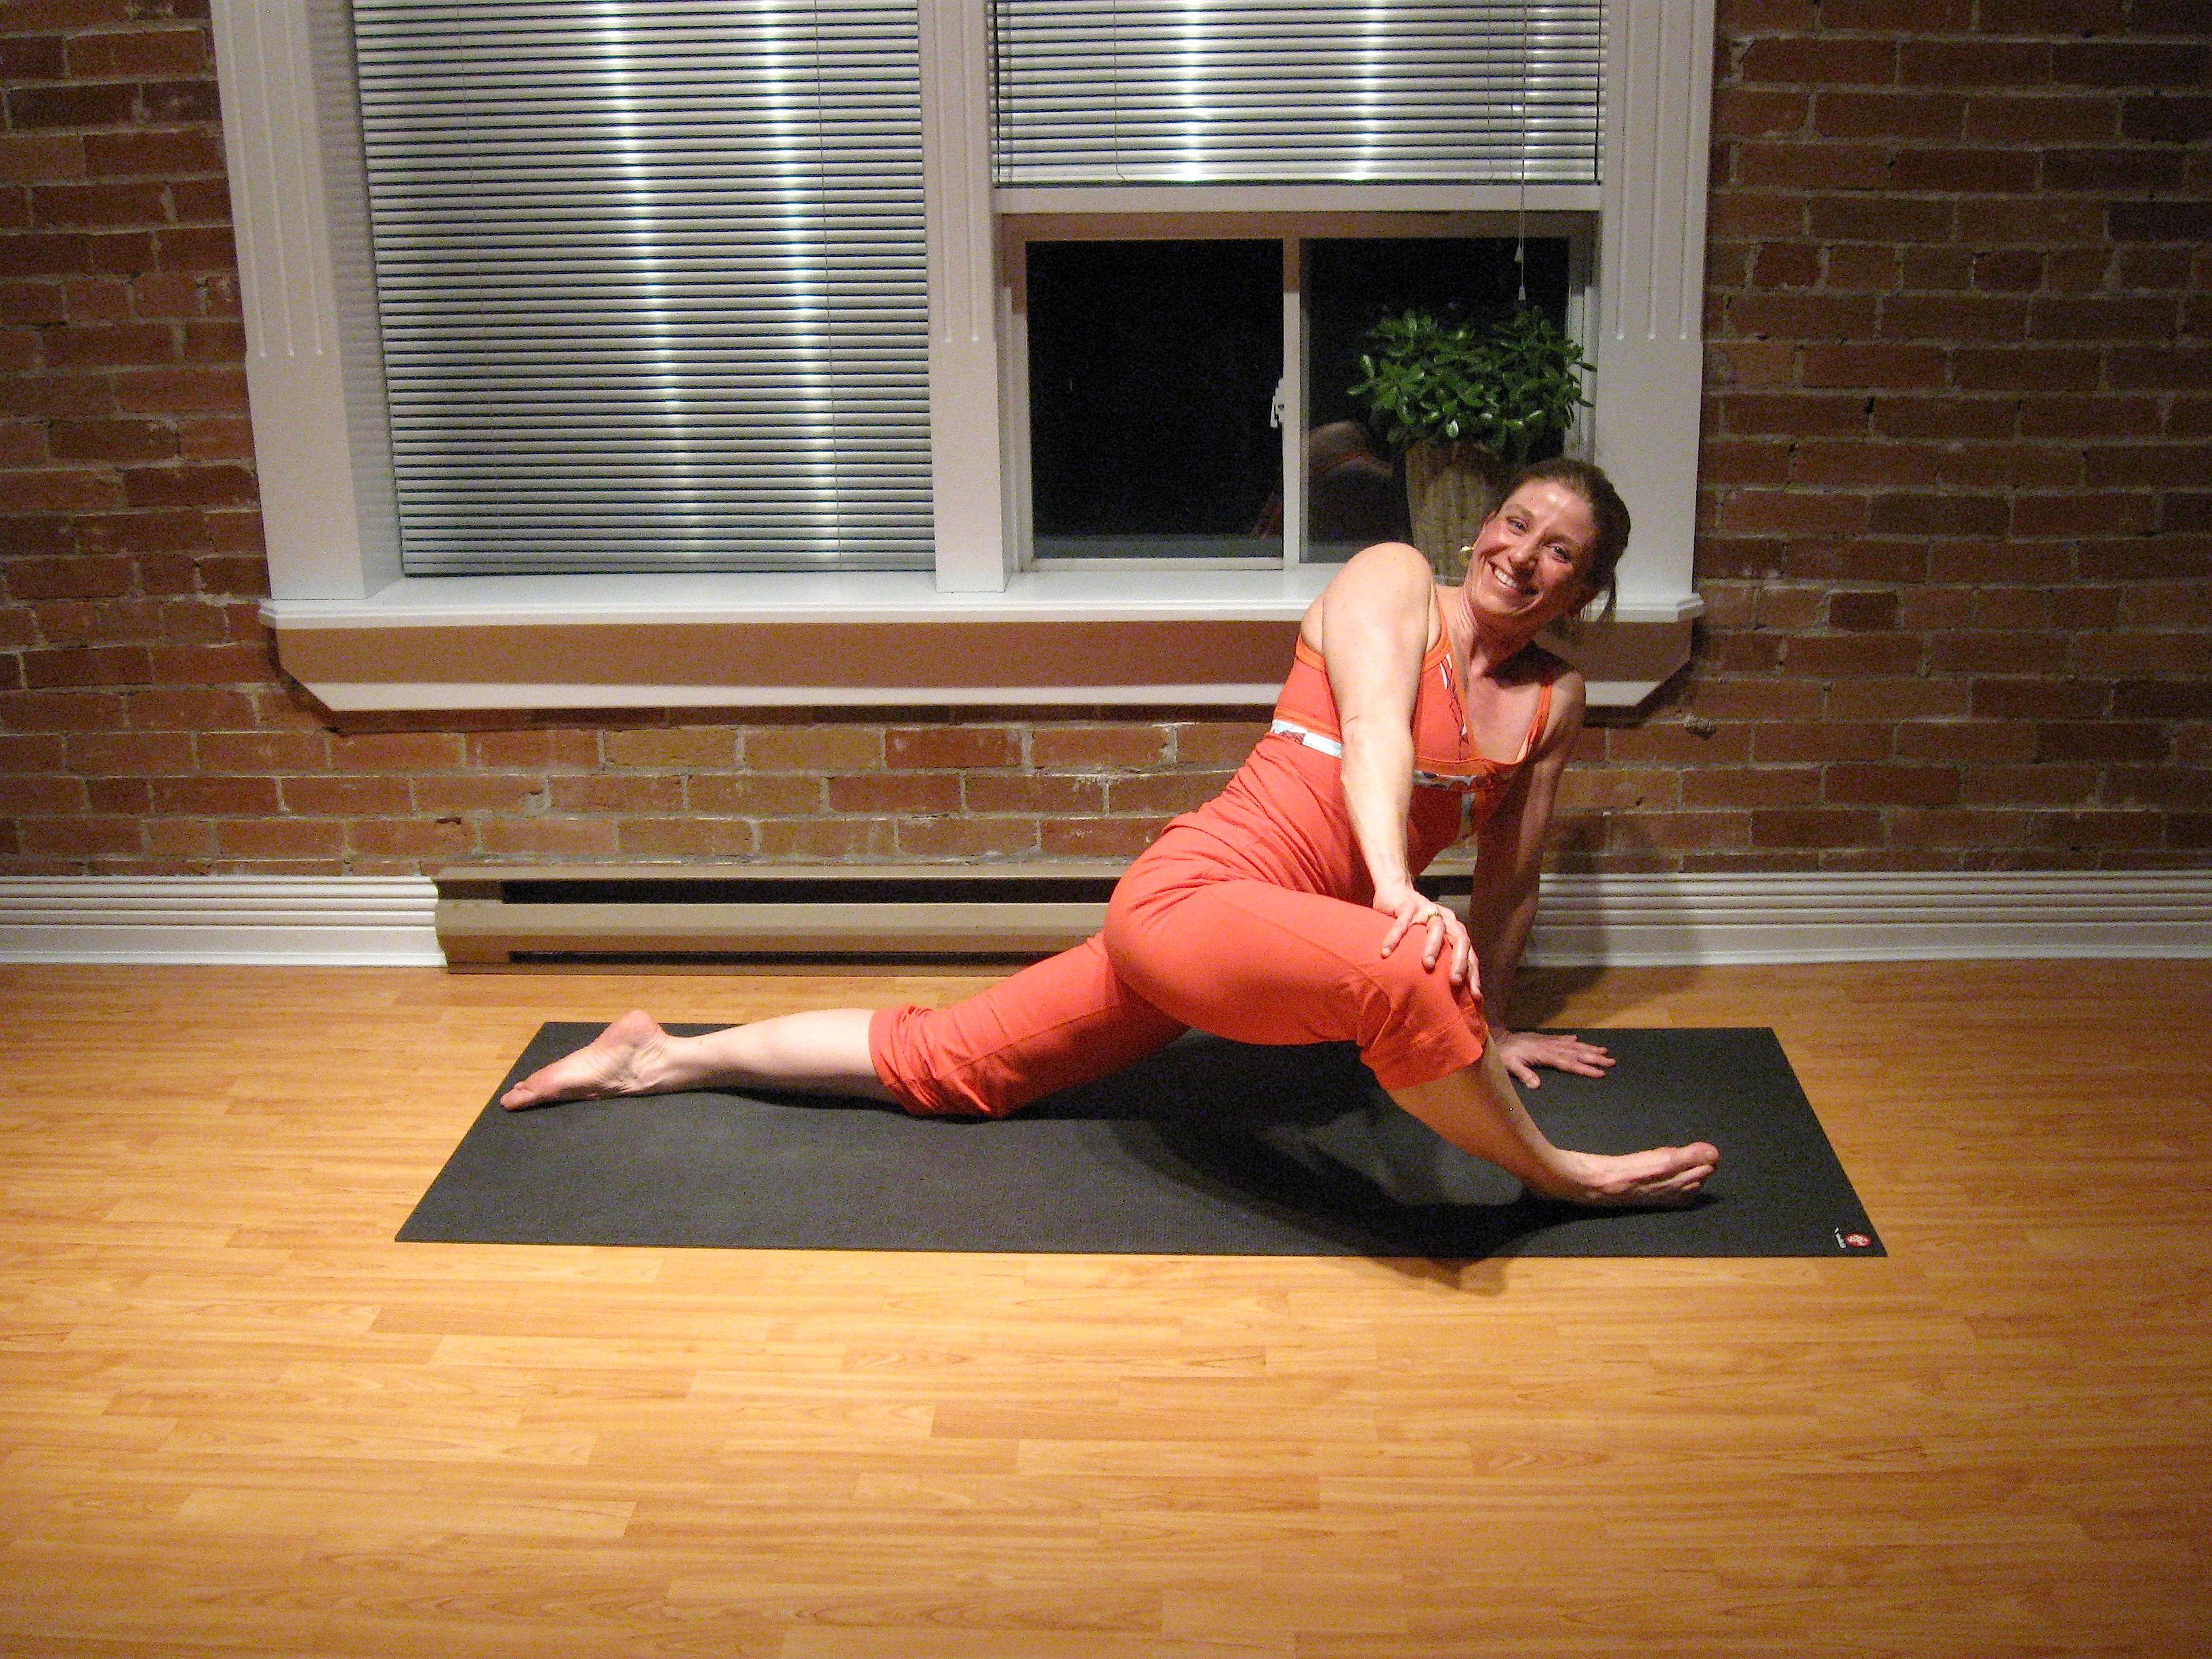 The health benefits of yoga for female entrepreneurs